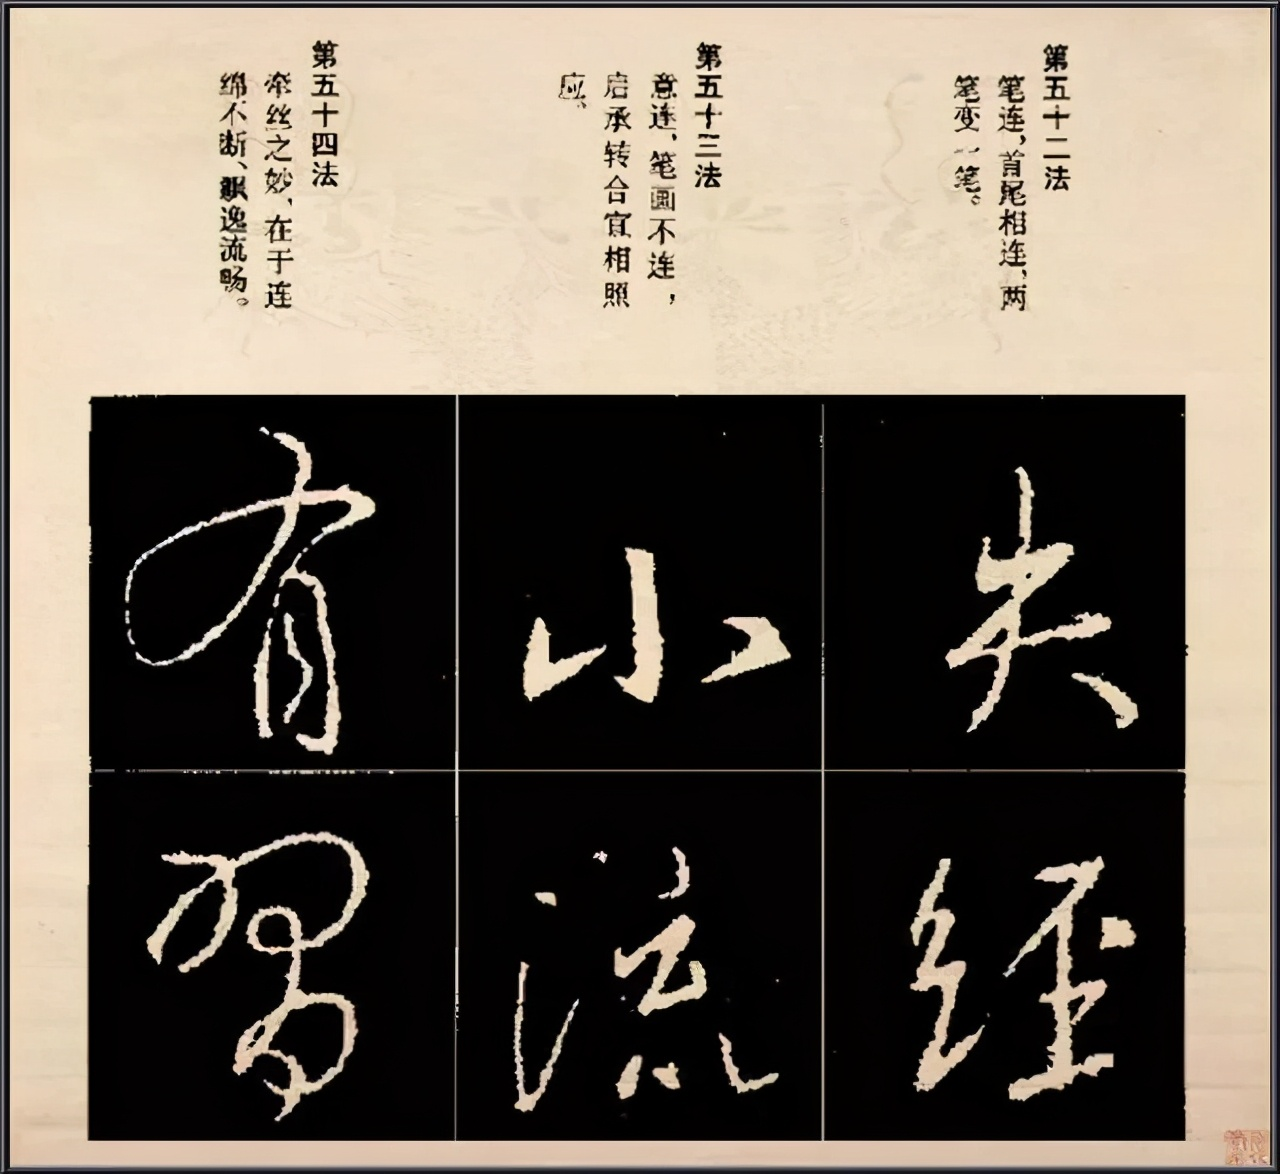 王羲之行书结构92法图谱,赶快收藏!